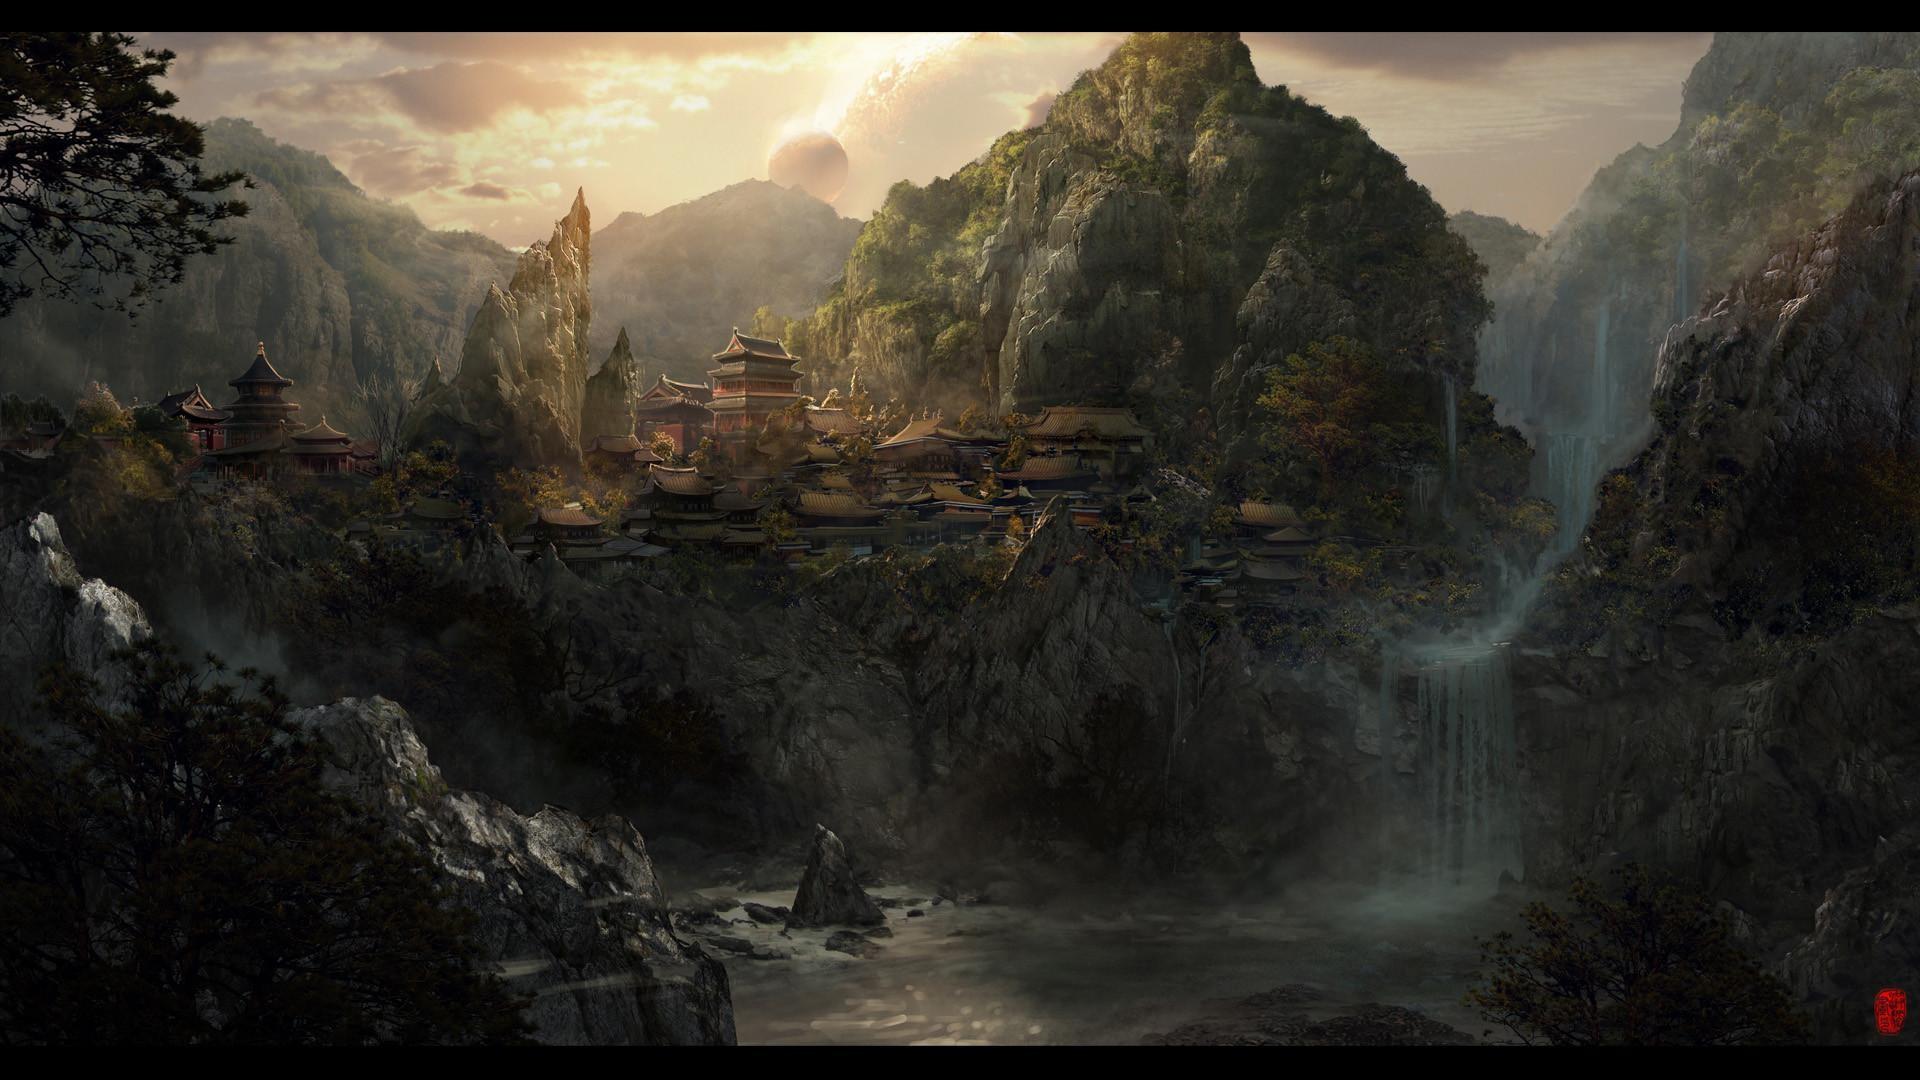 Fantasy Wallpaper 05